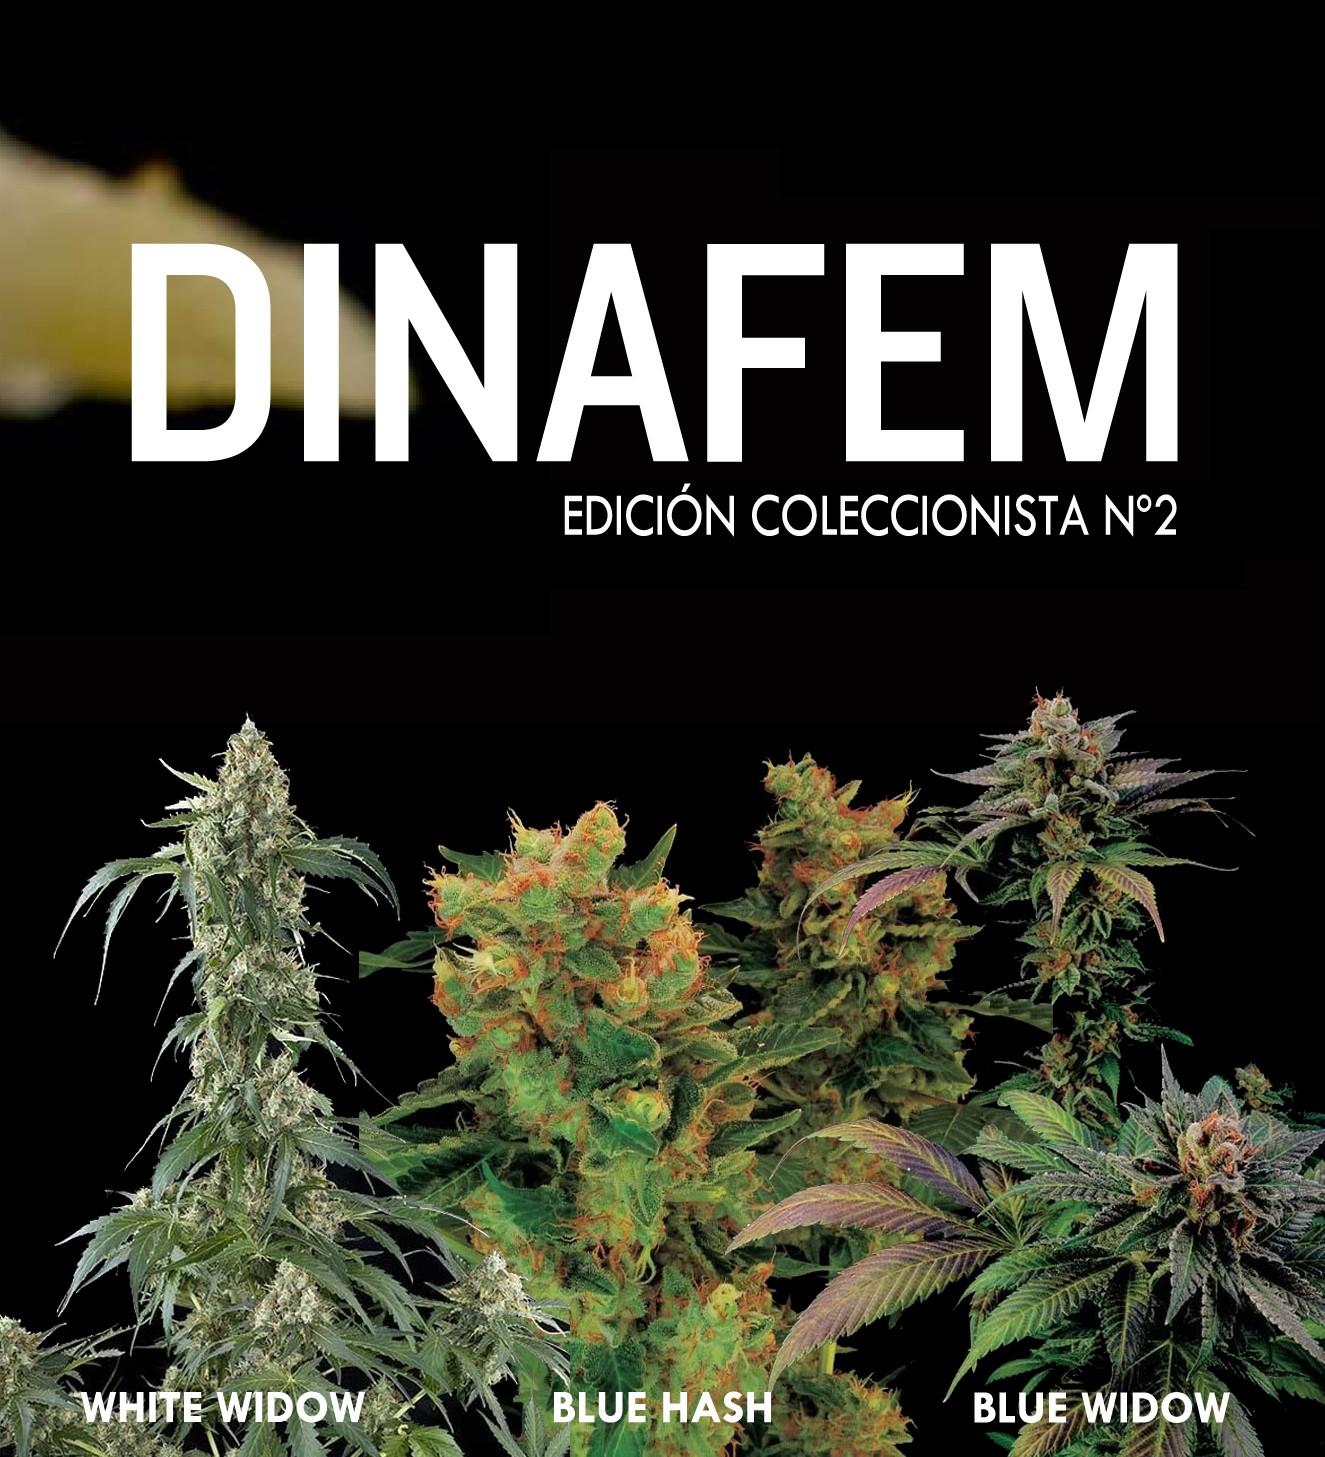 Edición coleccionista Nº2 6 semillas - Collections - DINAFEM SEEDS